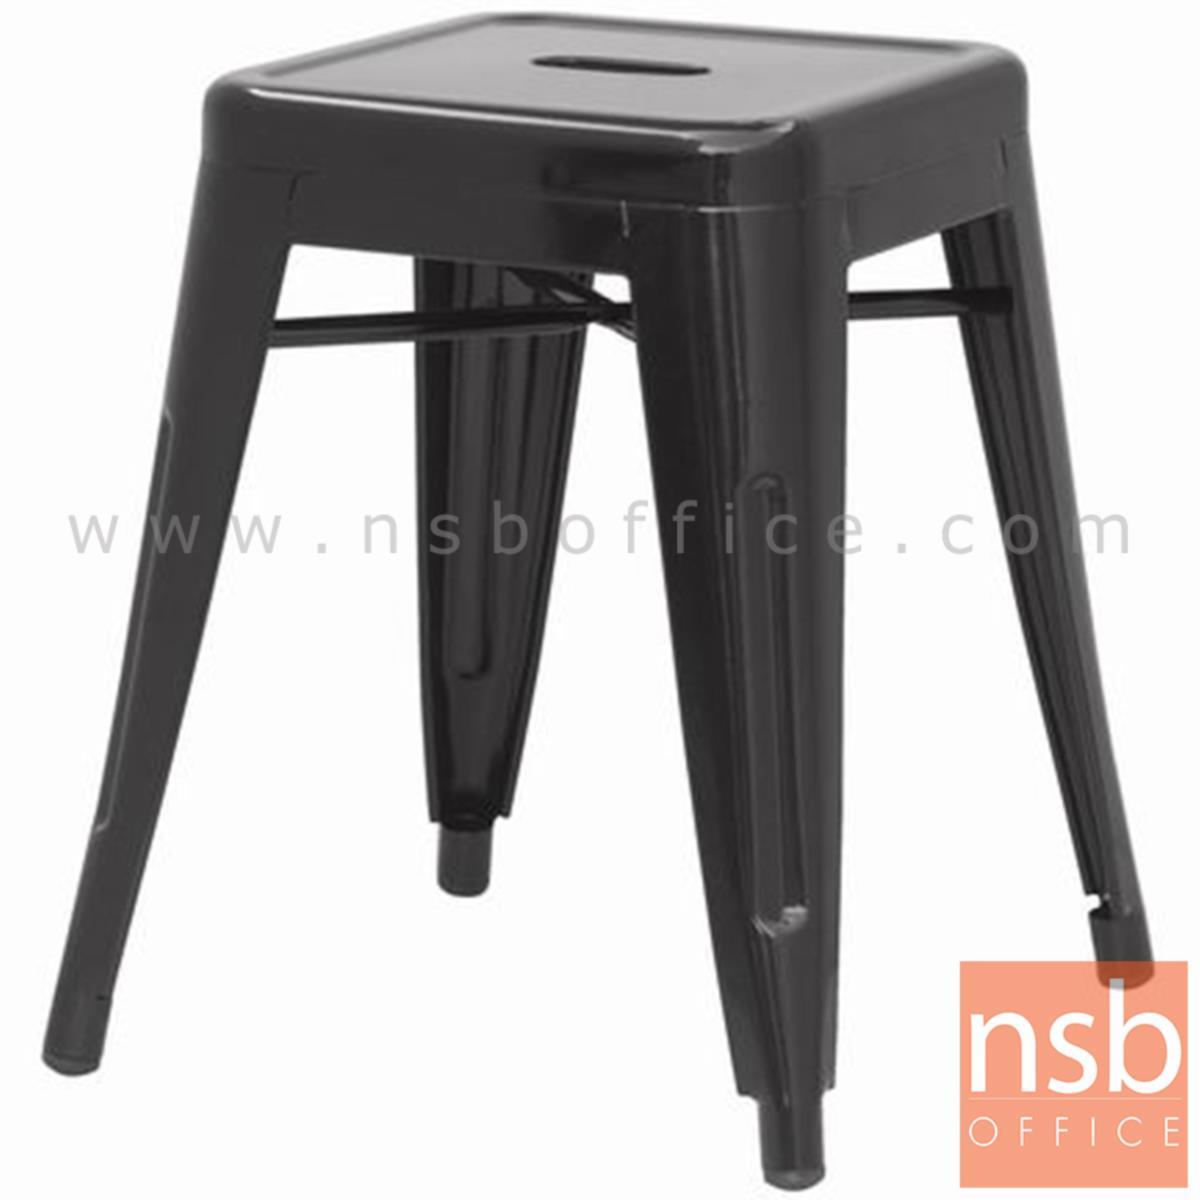 B29A096:เก้าอี้สตูลโมเดิร์น รุ่น Isengard (ไอเซนการ์ด) ขนาด 30W cm. โครงเหล็ก สีดำ